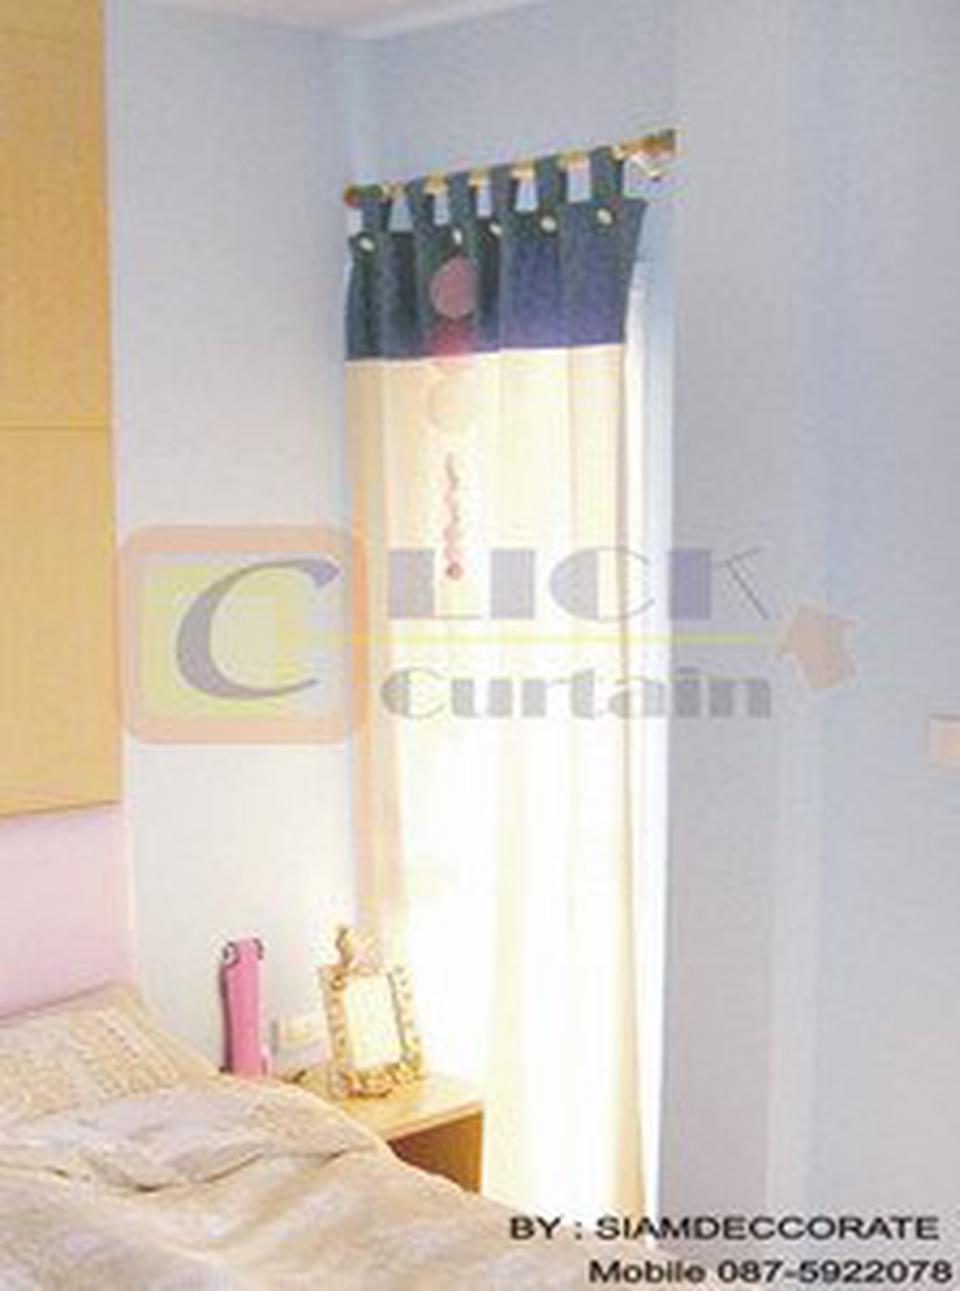 Click Curtain  ผ้าม่านสำเร็จรูปที่มีจำหน่ายหลากสไตล์ เช่น ม่านตอกตาไก่,ม่านคอกระเช้าและม่านจีบ ให้เลือกสรรเพื่อเหมาะกับก รูปที่ 6